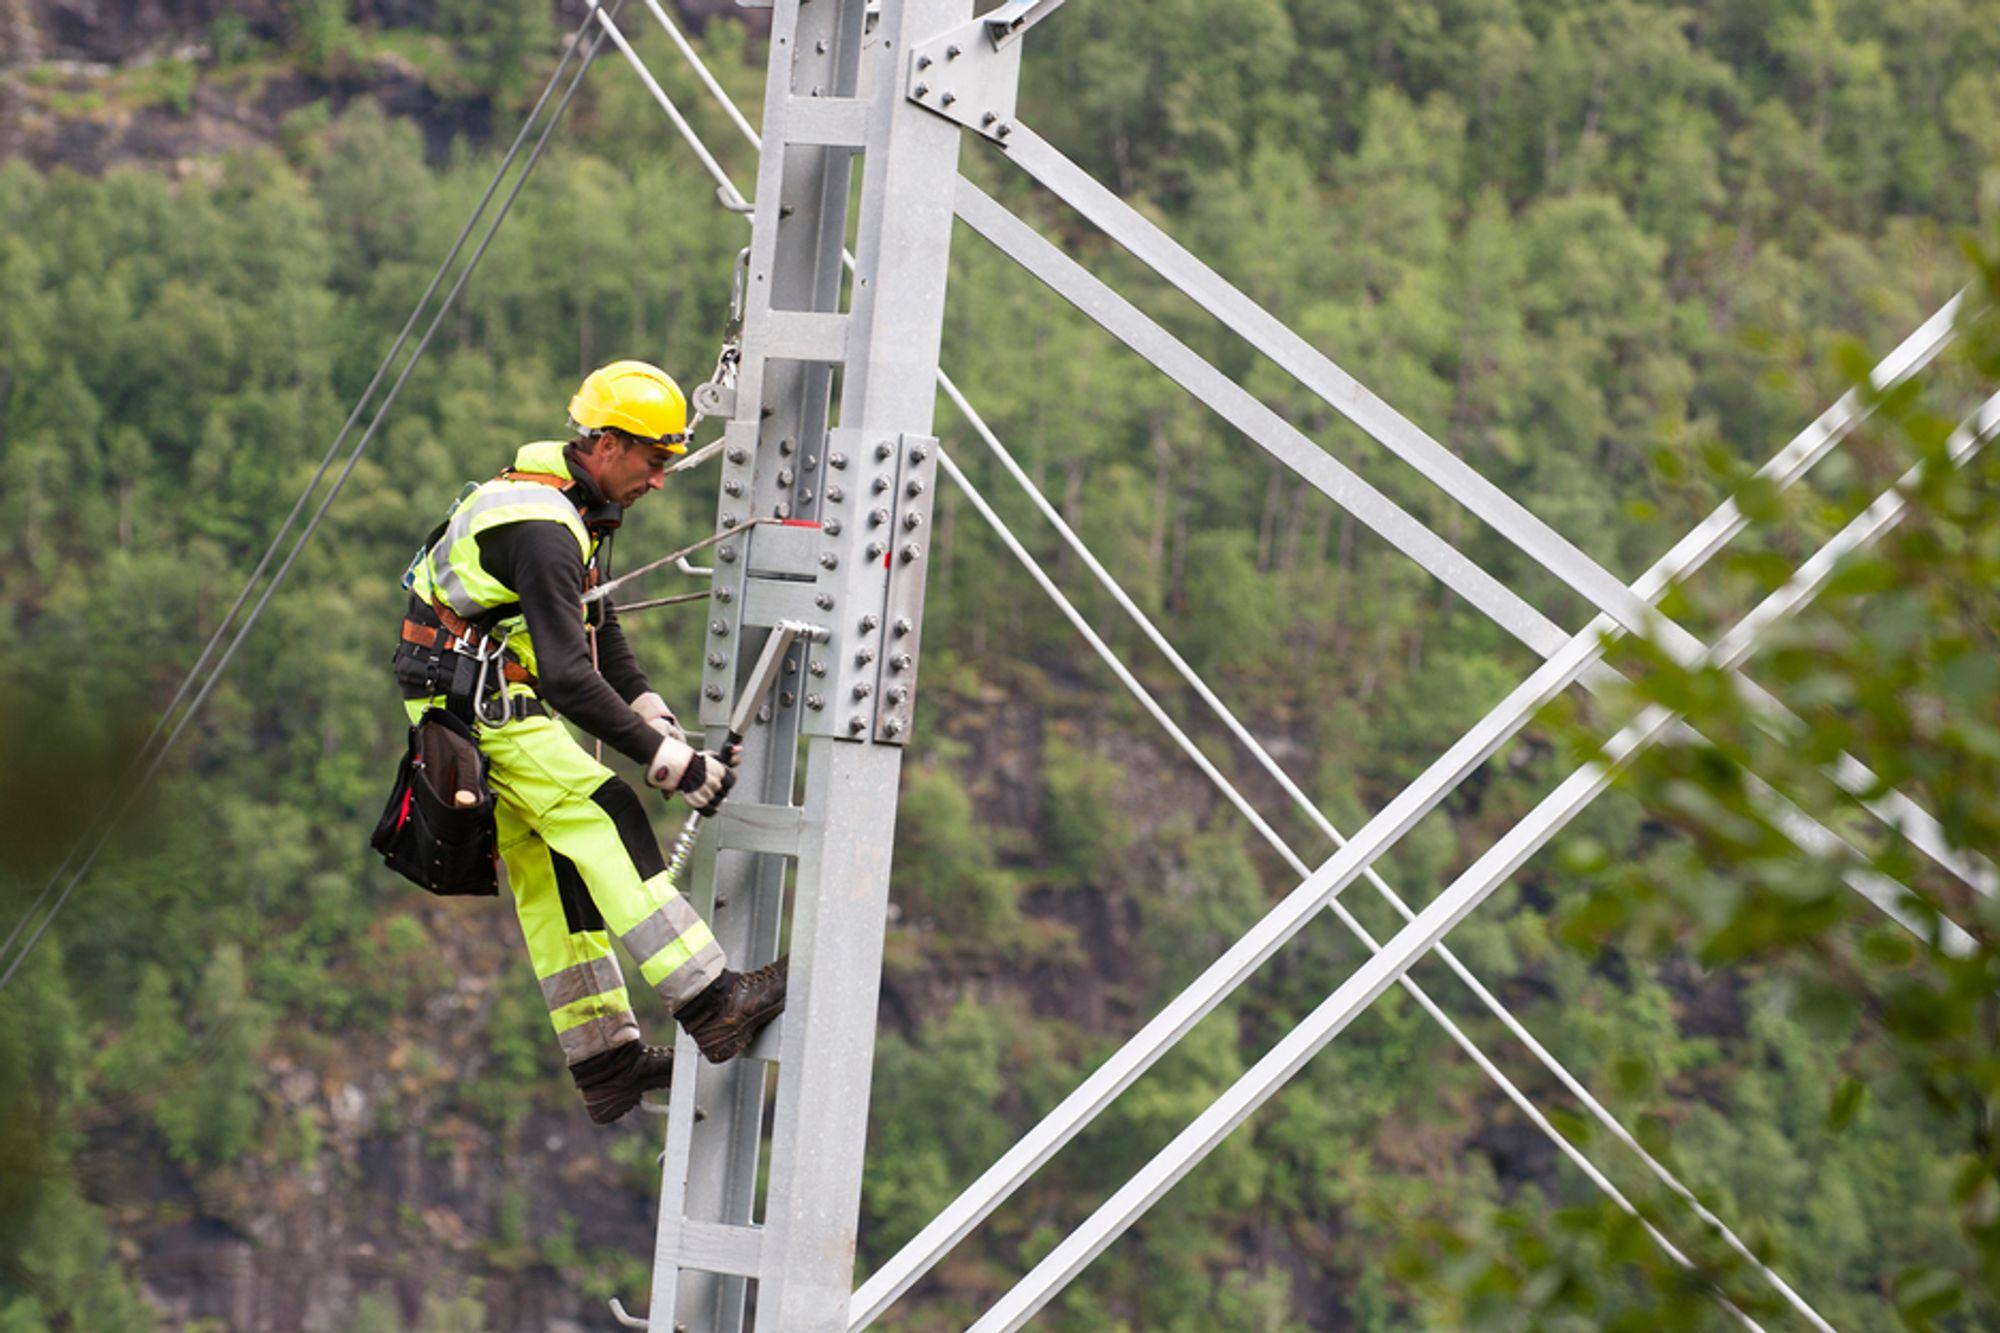 Statnett ba om at de kroatiske arbeiderne i Dalekovod får språkkurs. Det vil lette kommunikasjonen i byggingen av mastene på kraftlinjen mellom Sima og Samnanger.